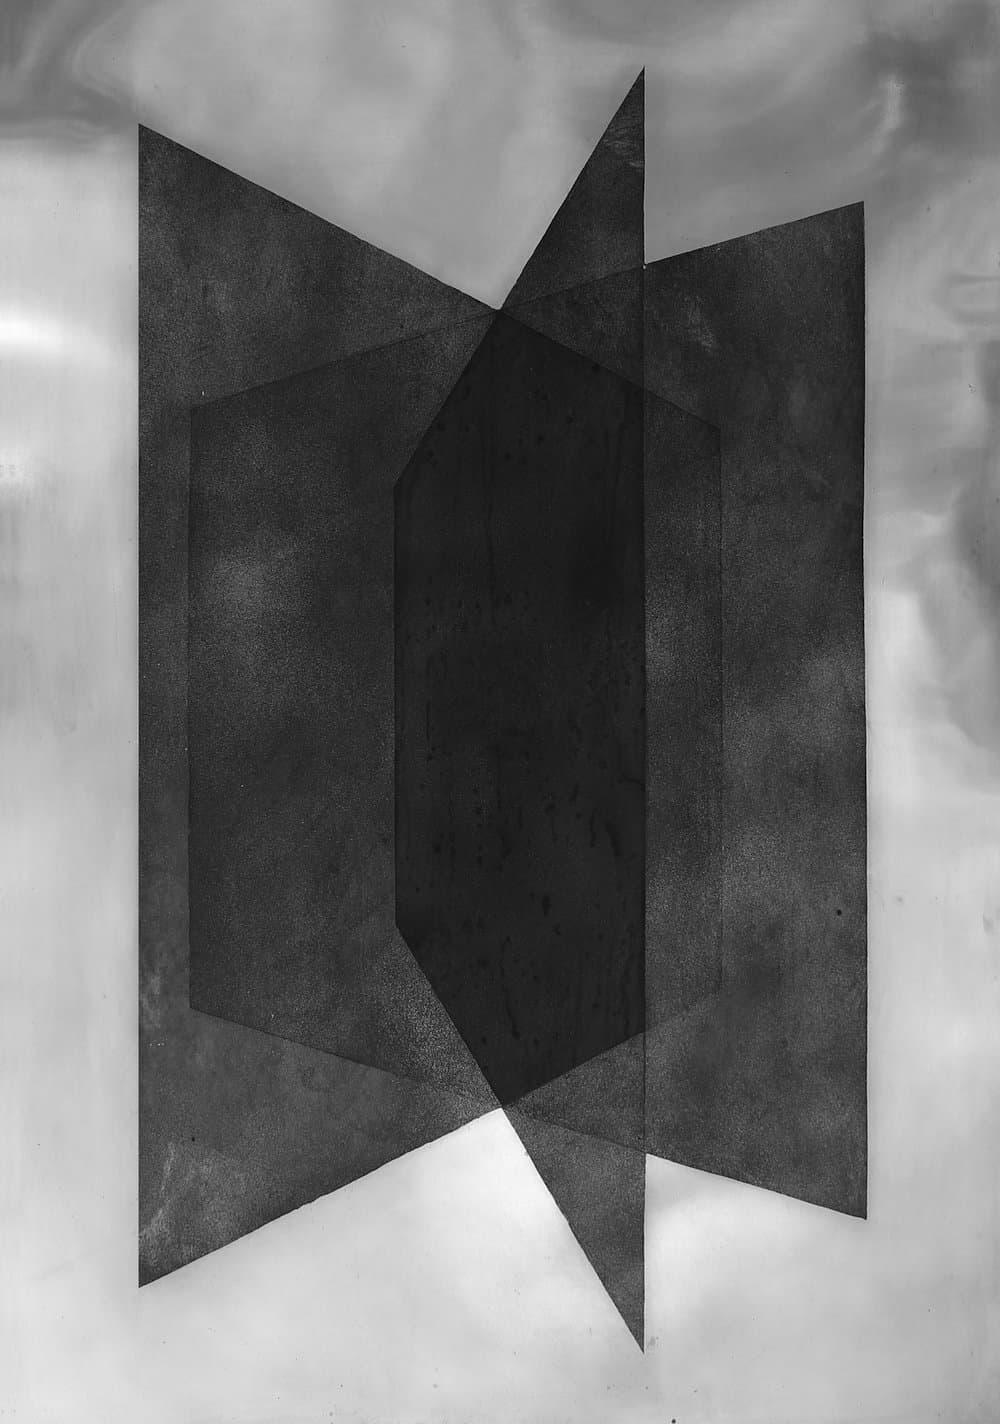 Pia Rondé et Fabien Saleil, Plans, 2017 Dessin à l'eau-forte et aquatinte sur plaque de zinc, 90 cm x 70 cm. Unique  Courtesy des artistes et Galerie Escougnou-Cetraro